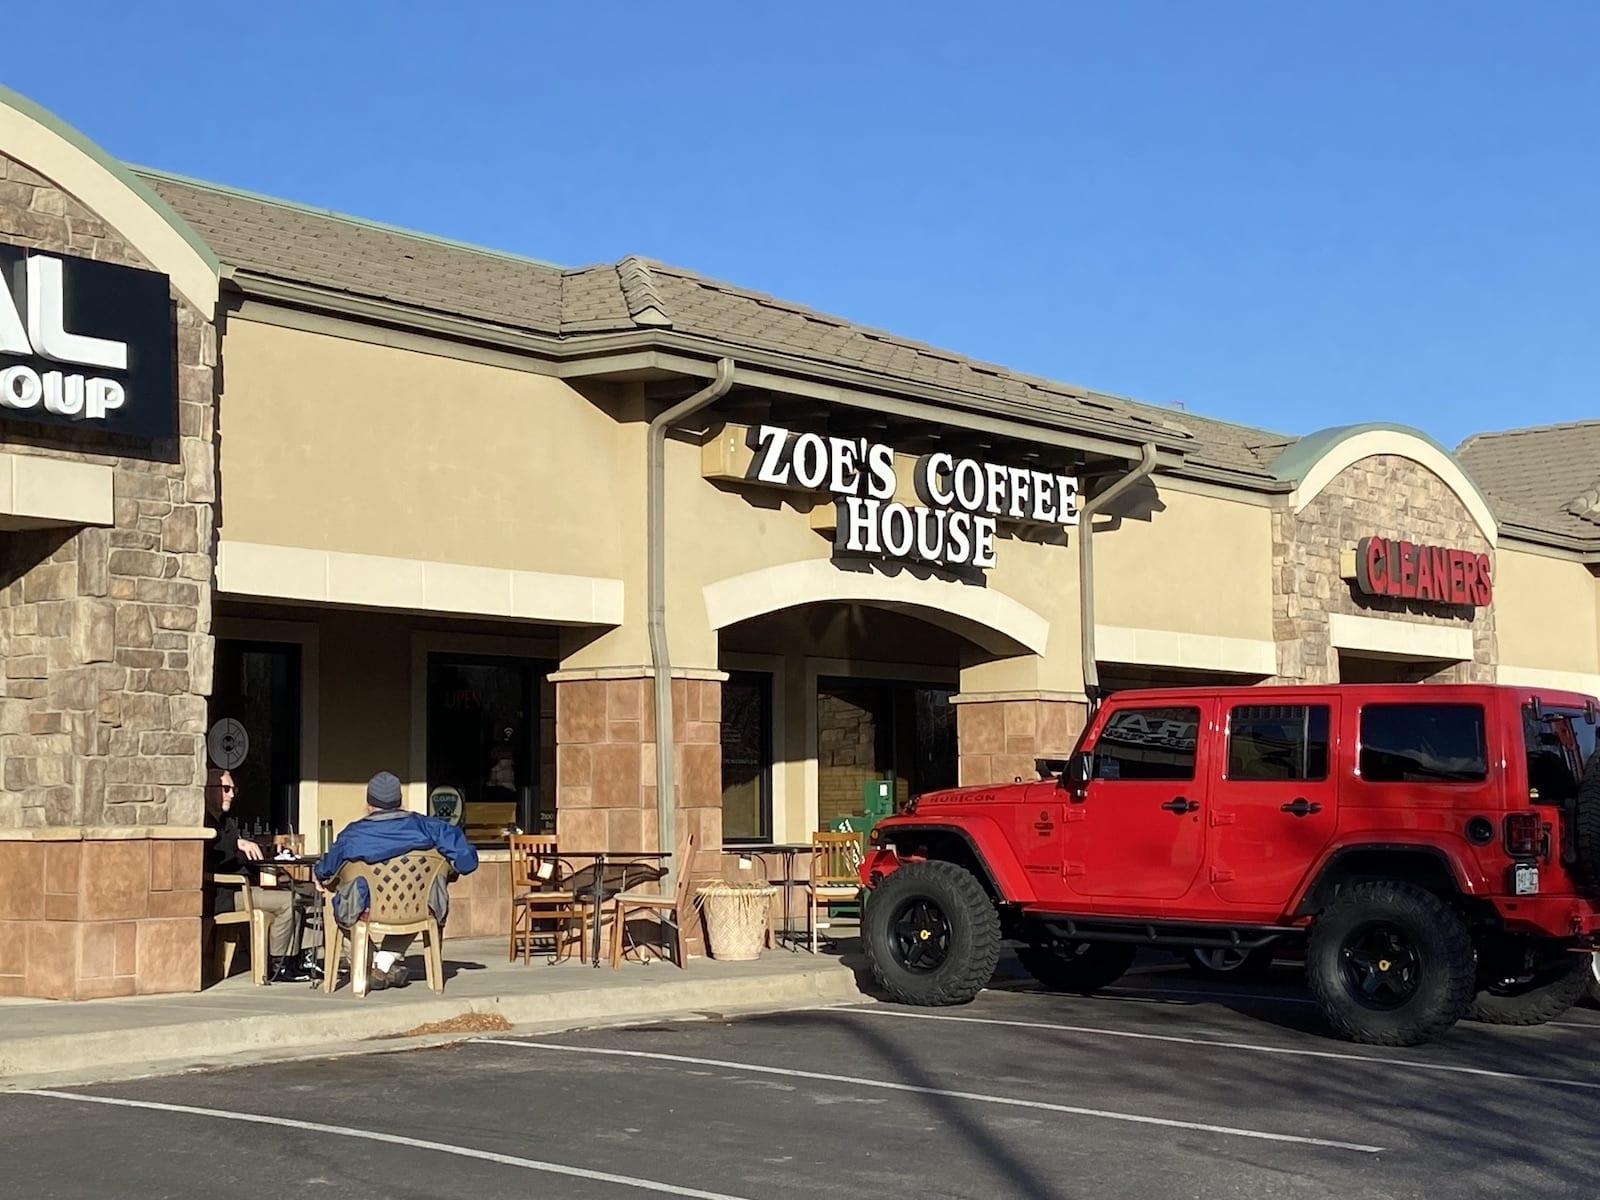 ZOE's Coffee House Westminster CO